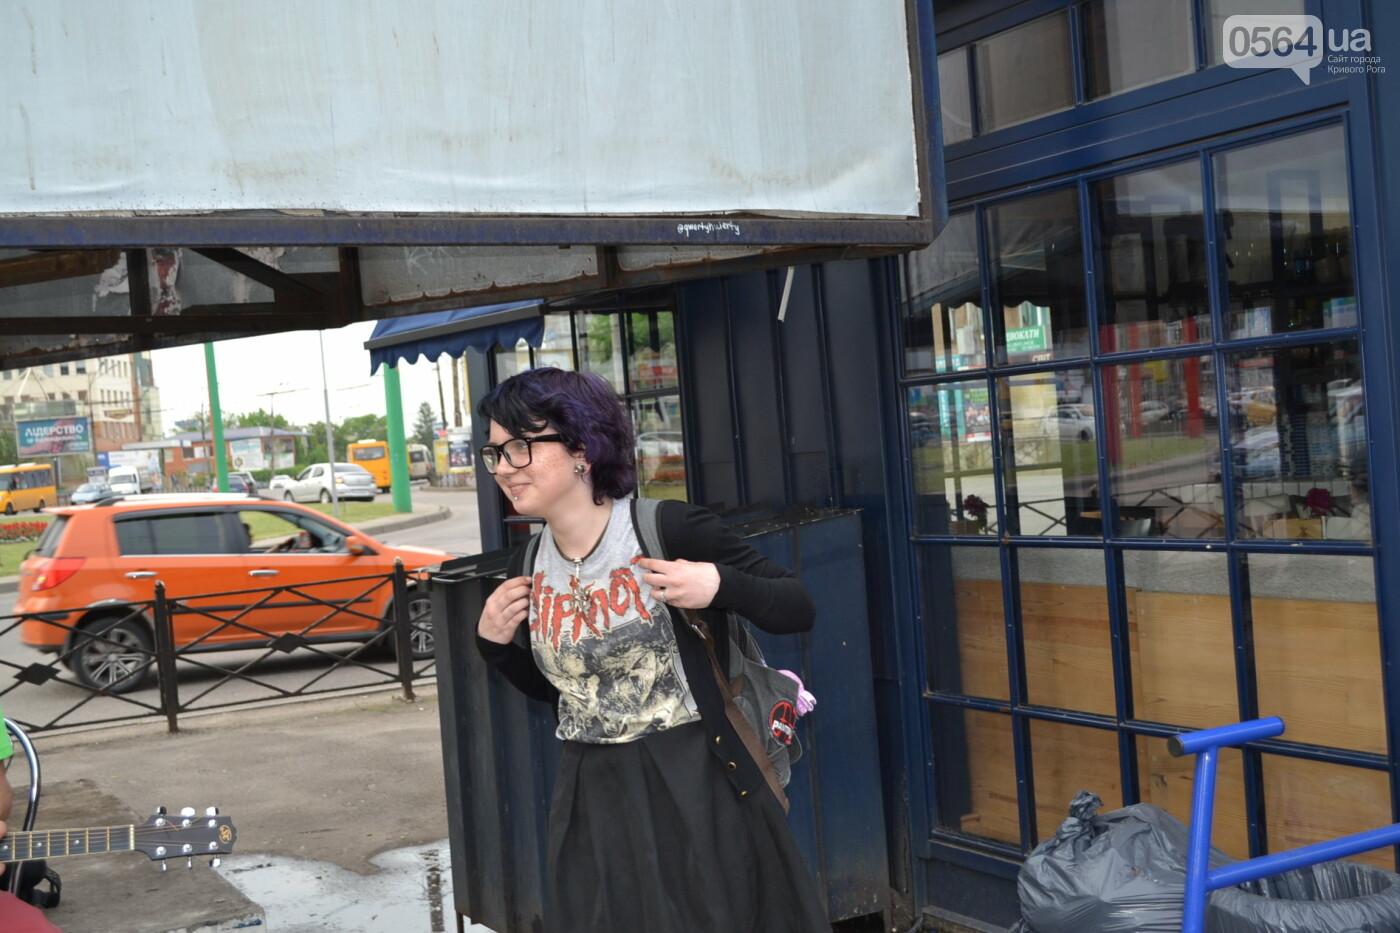 Концерт от Madisan Rock Club: криворожские музыканты поддержали юную Алину Михалковскую, - ФОТО, ВИДЕО, фото-22